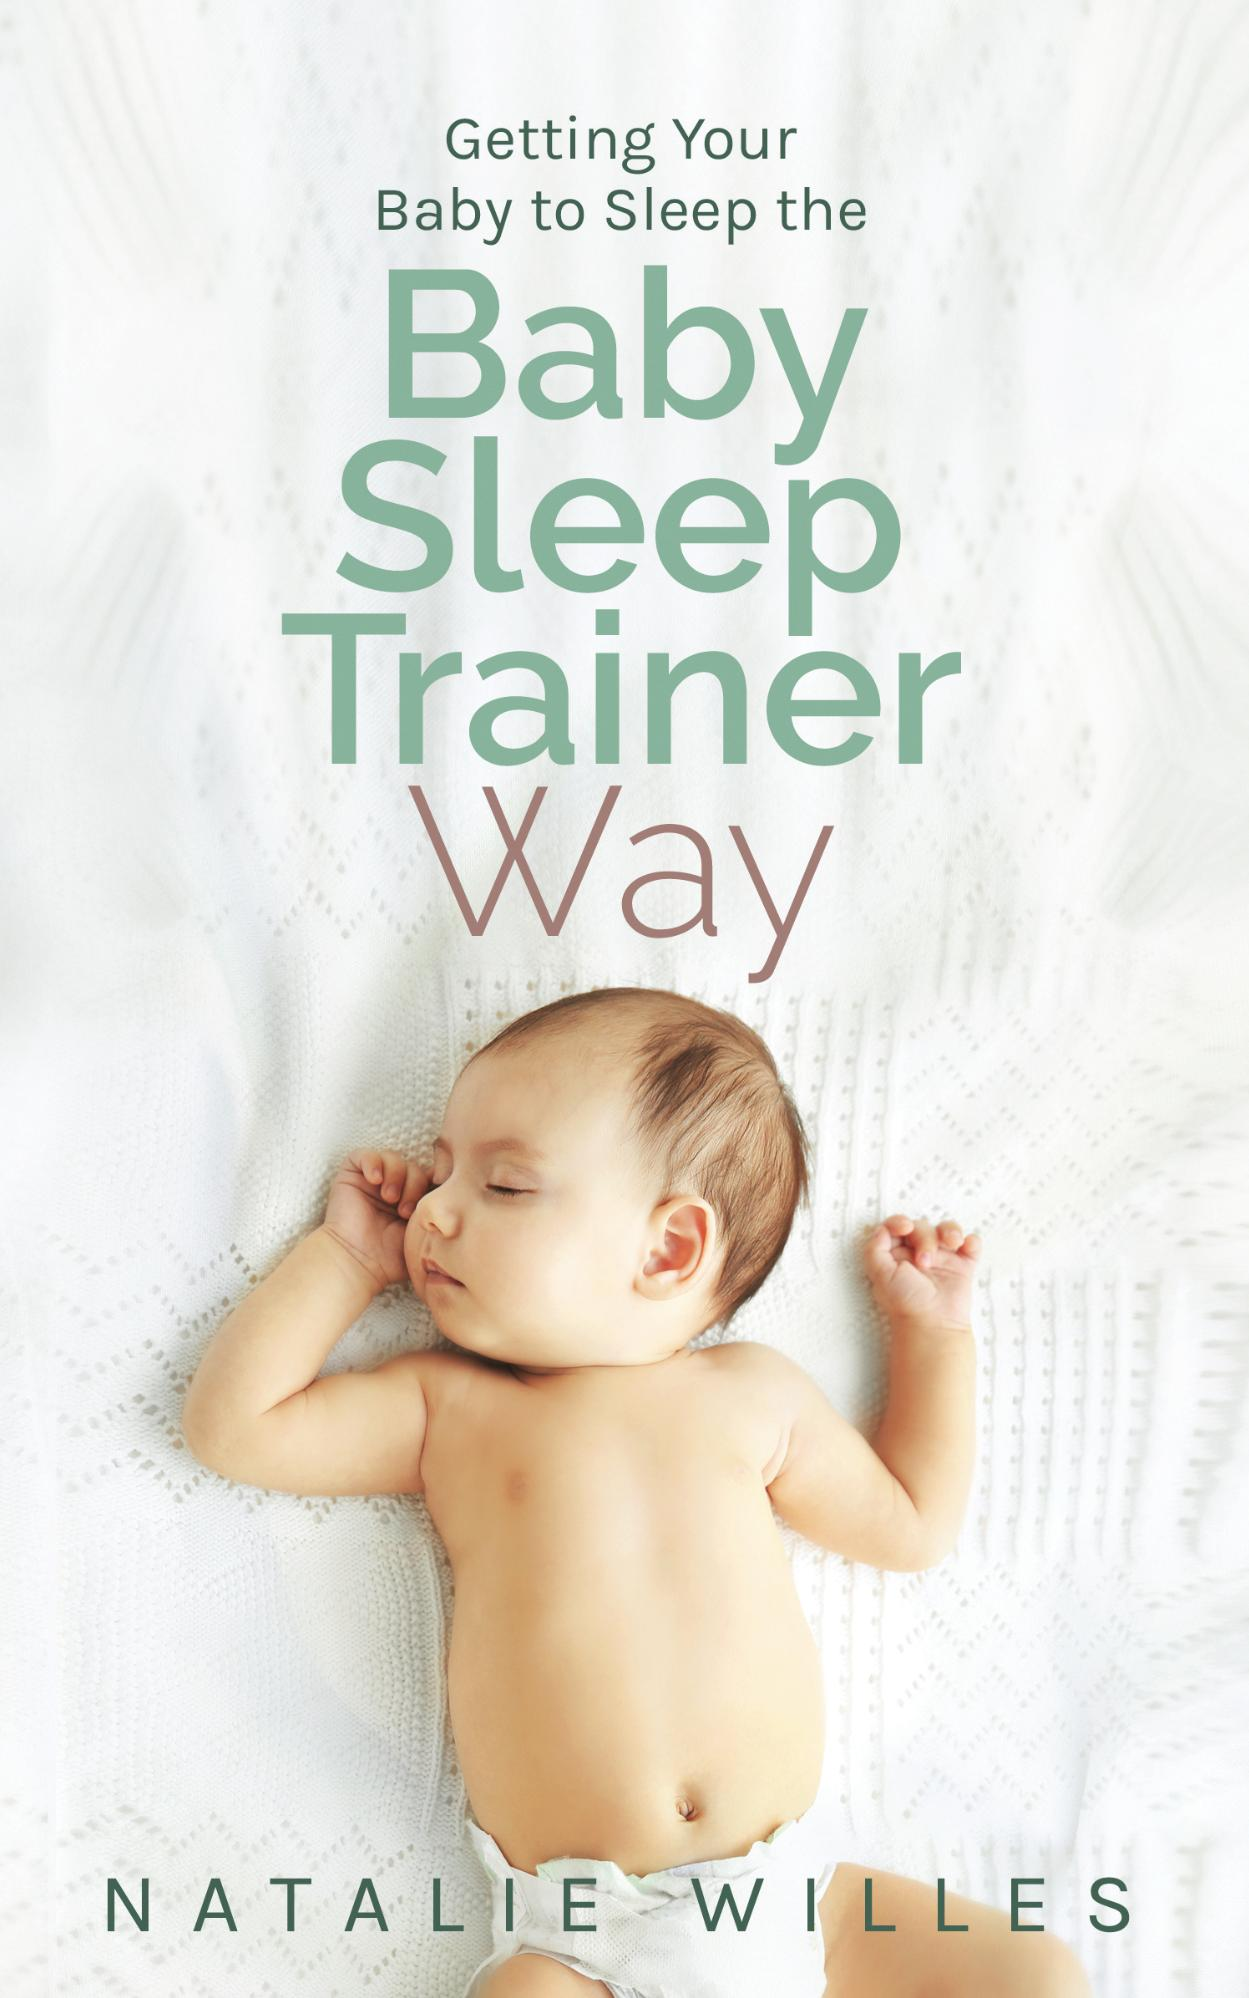 Baby Sleep Trainer Way